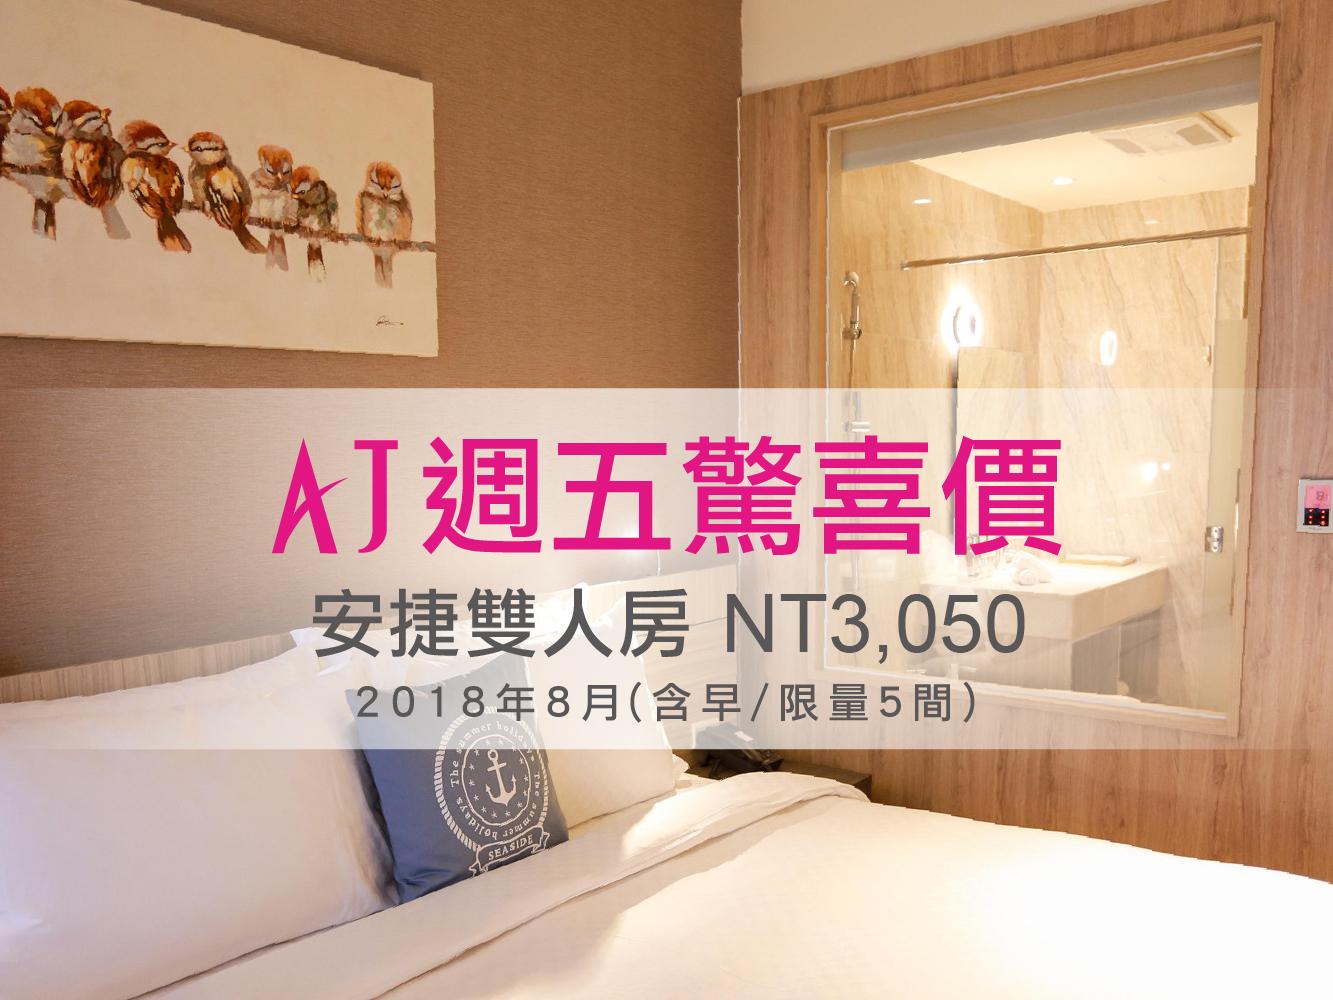 新竹安捷-AJ 7-8月週五驚喜價-官網800X600-Cindy180802-120dpi